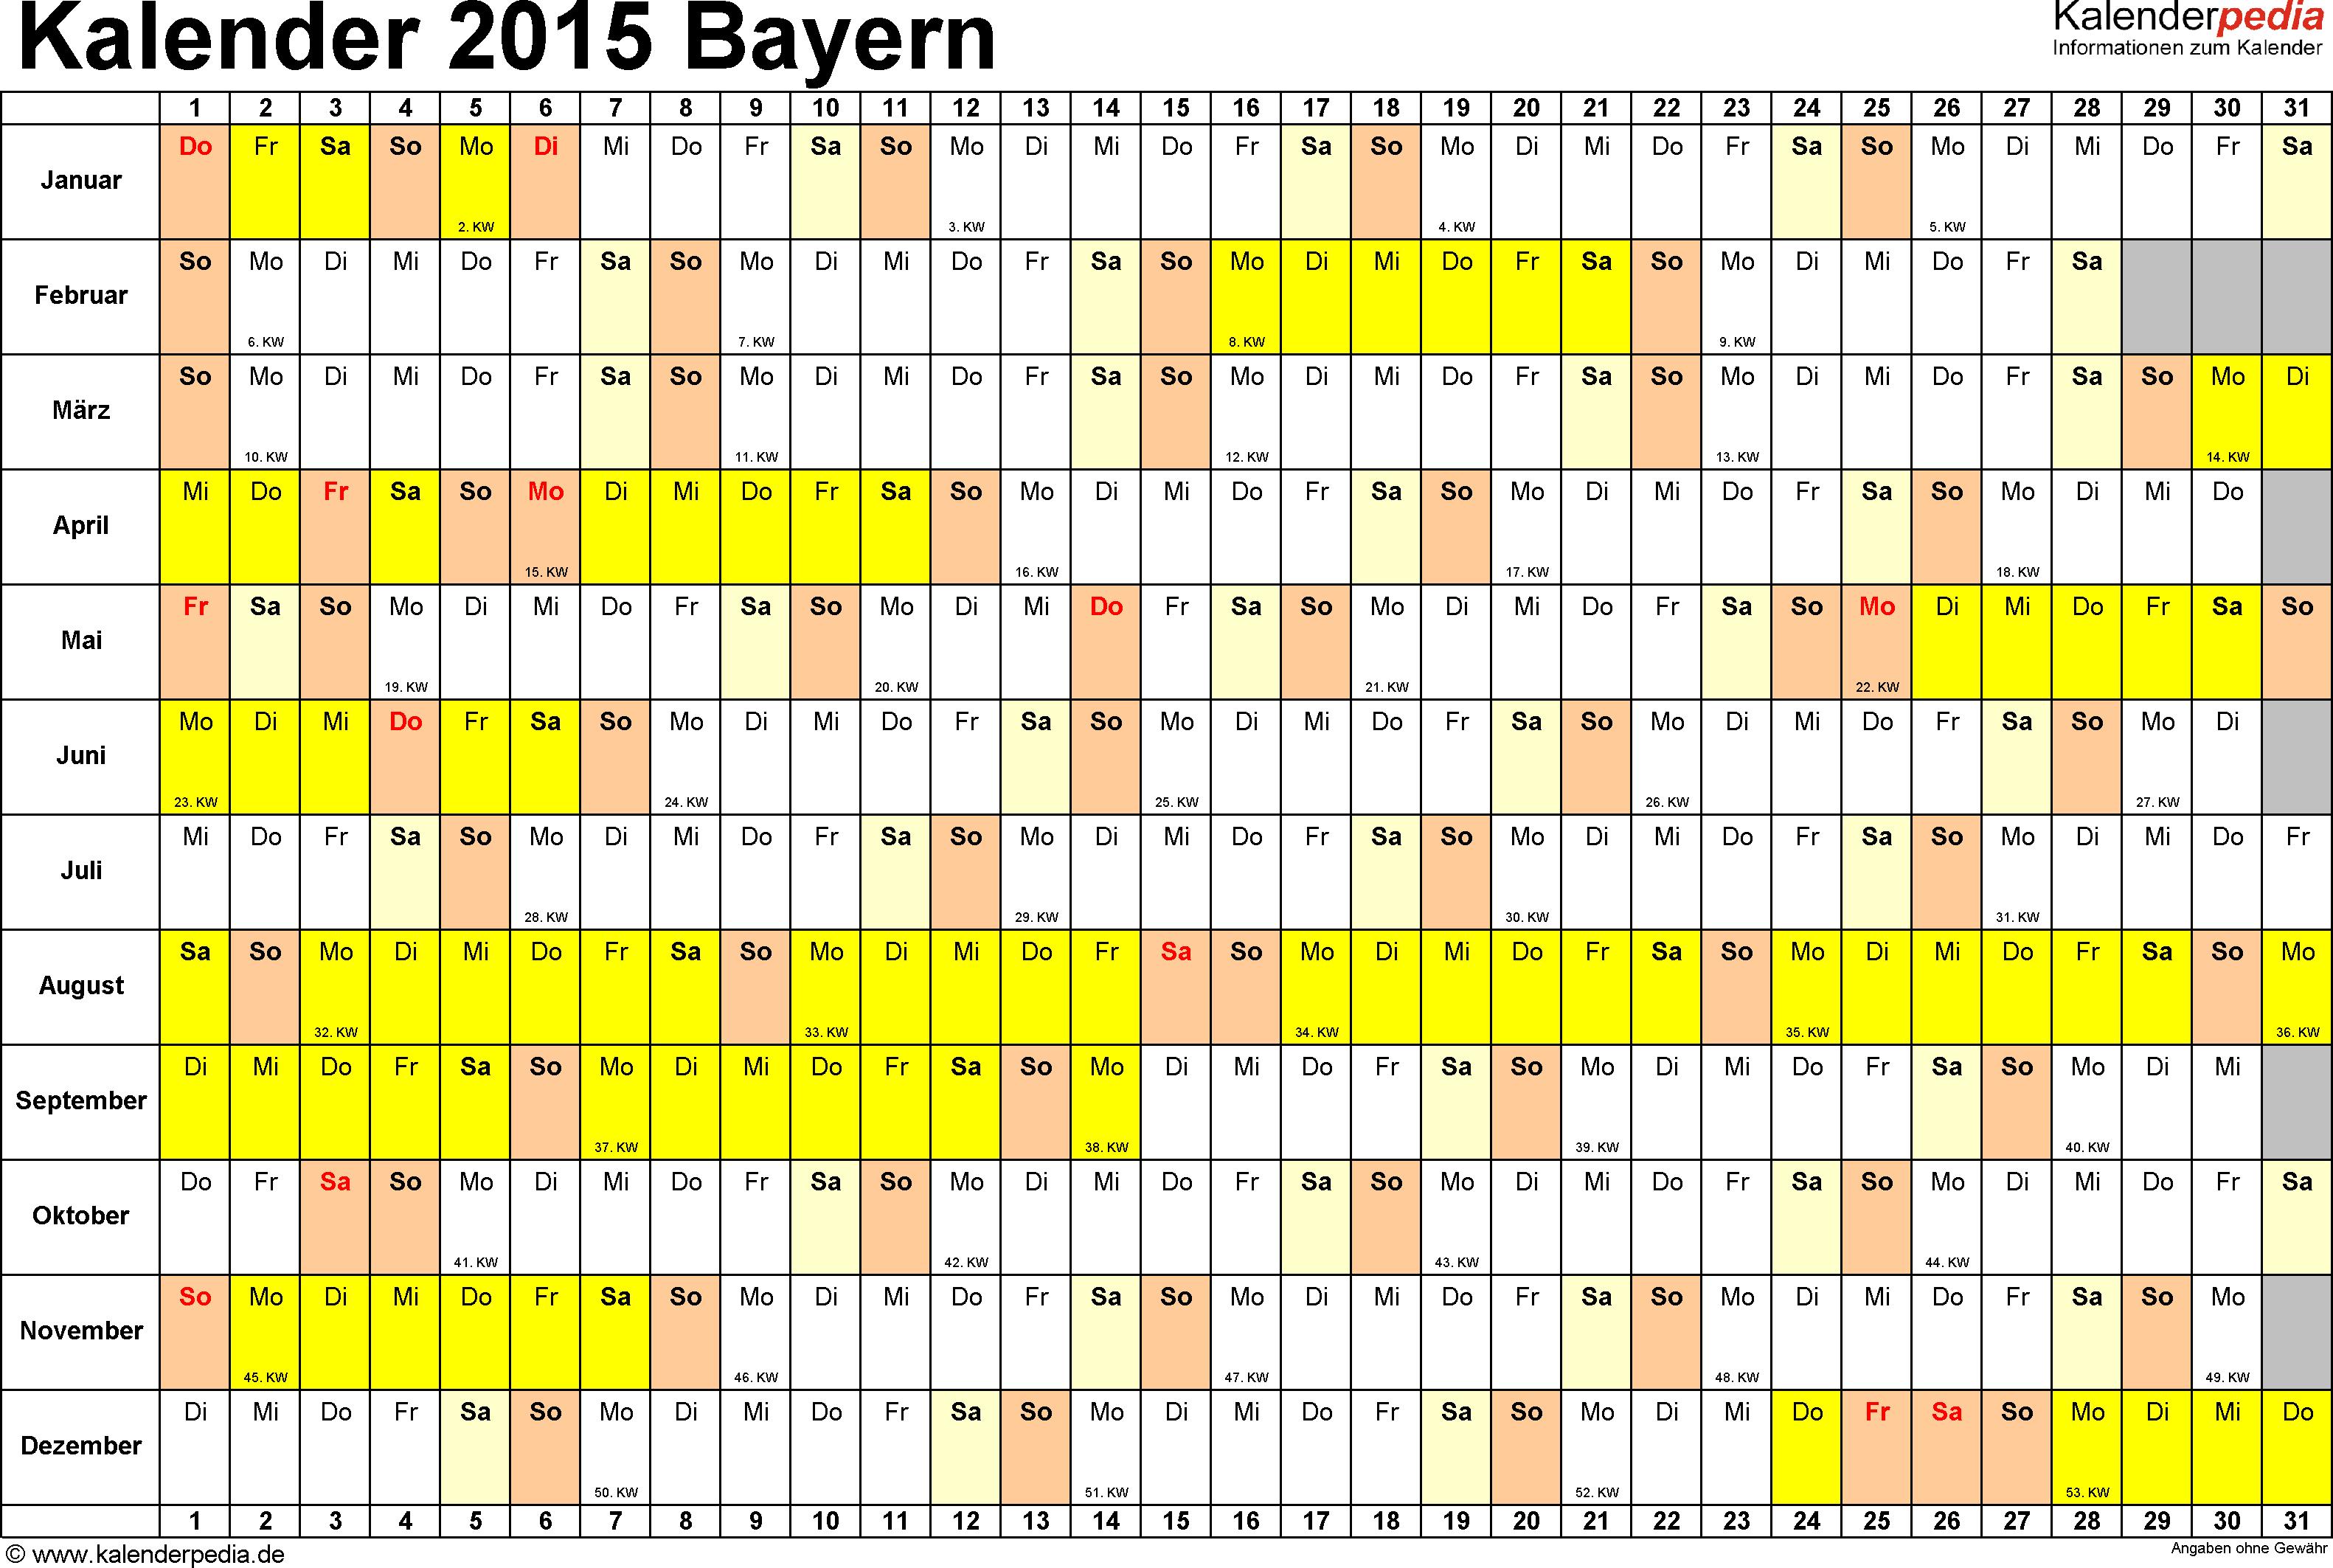 Vorlage 2: Kalender Bayern 2015 im Querformat, Tage nebeneinander